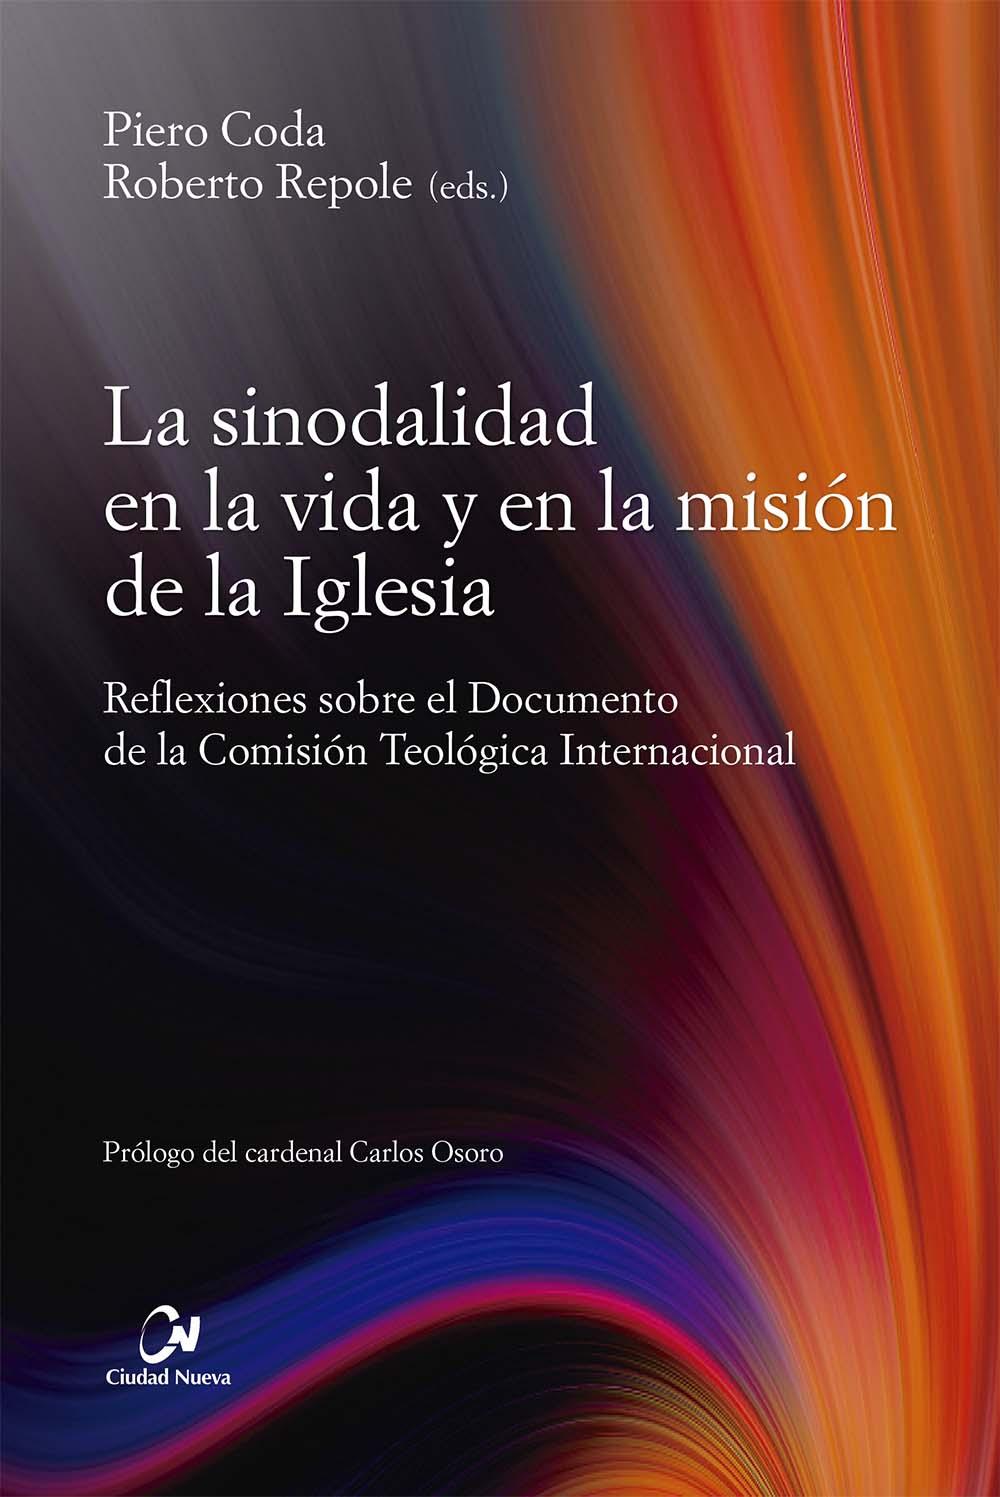 la-sinodalidad-en-la-vida-y-en-la-mision-de-la-iglesia